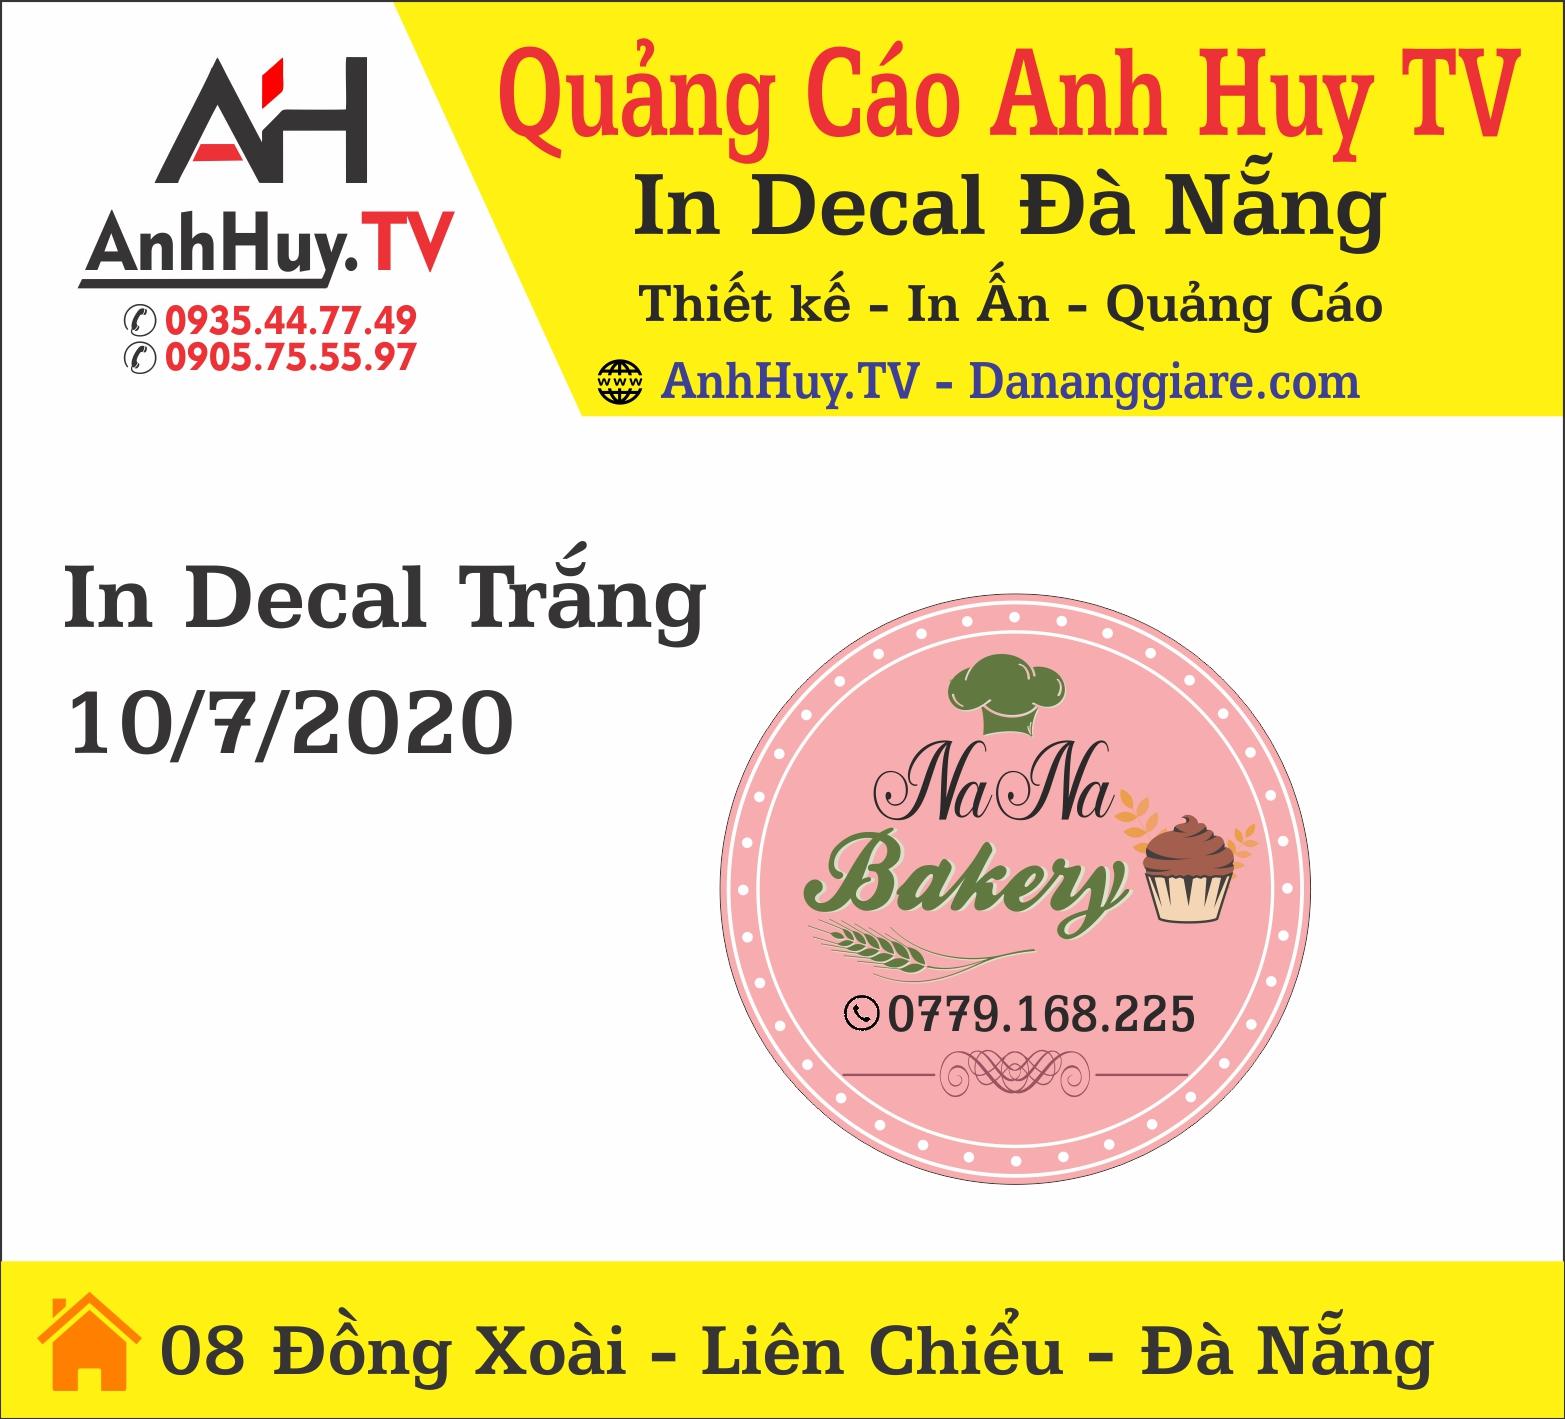 Tiệm Bánh Nana Bakery Ngon Rẻ Chất Lượng Tại Đà Nẵng